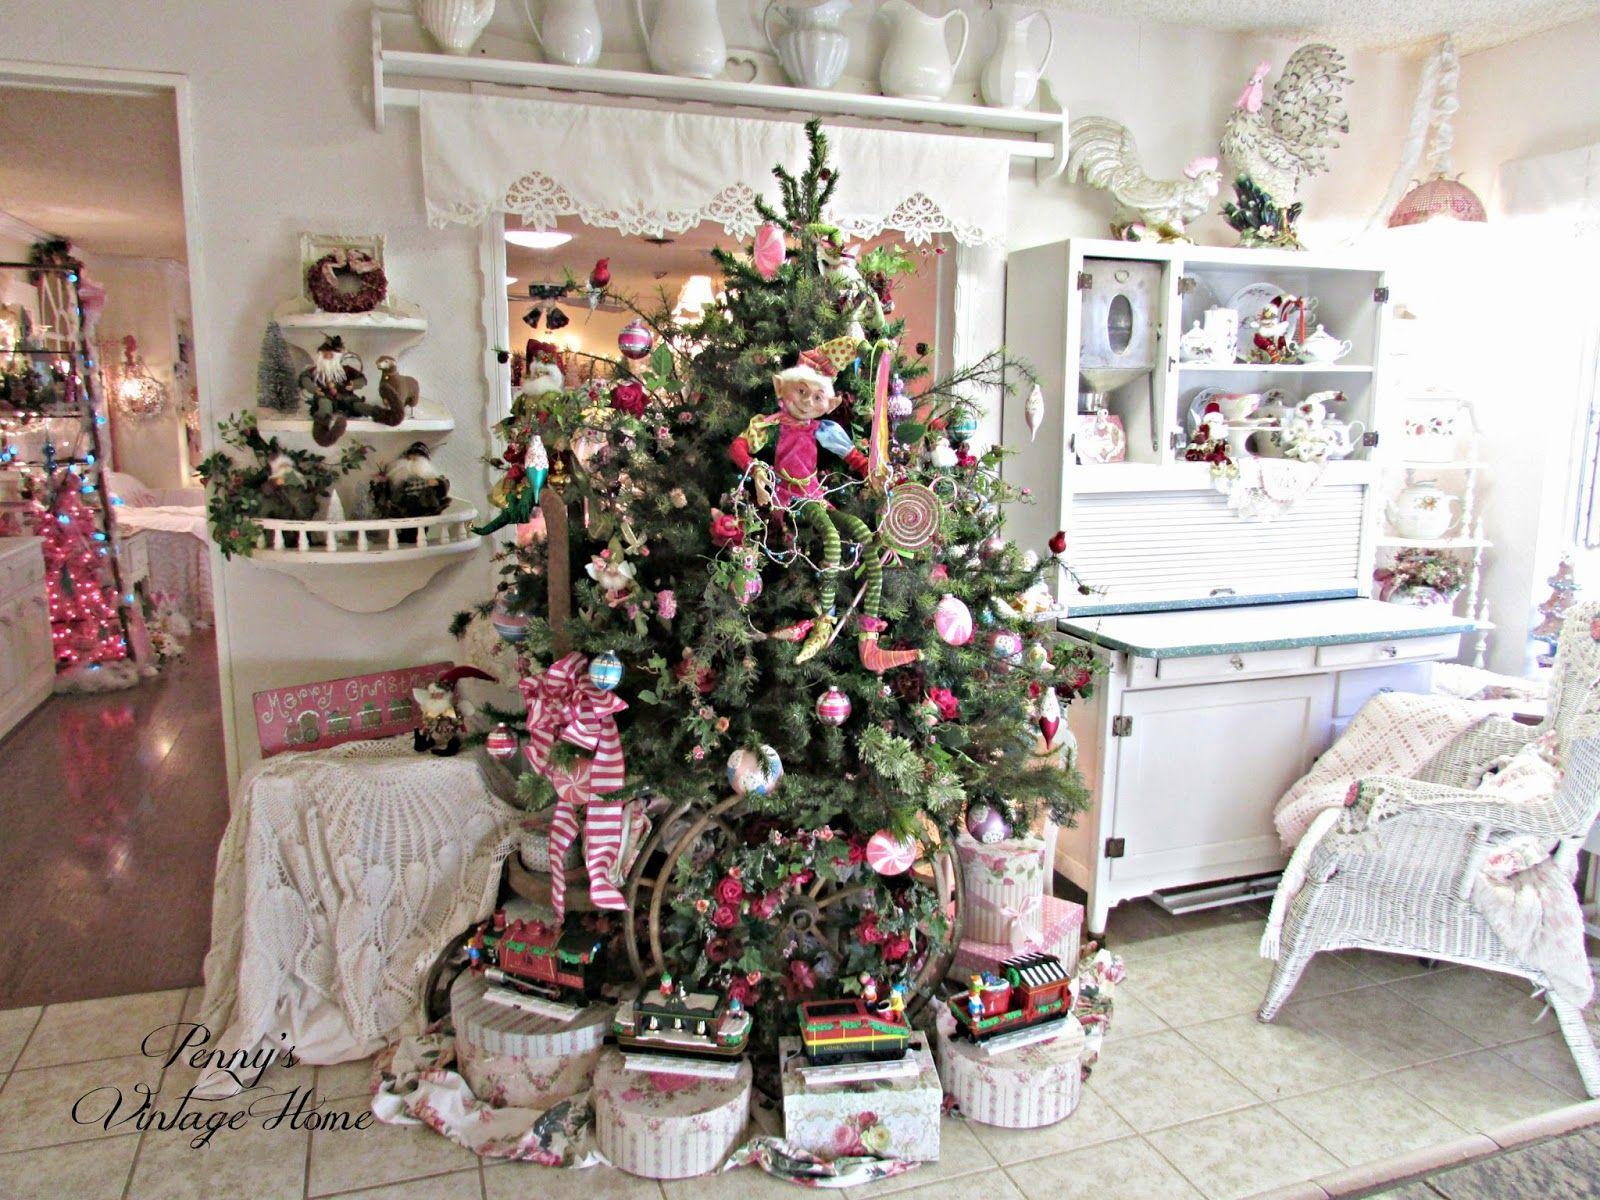 Pennys Vintage Home Fairy Tale Christmas Tree